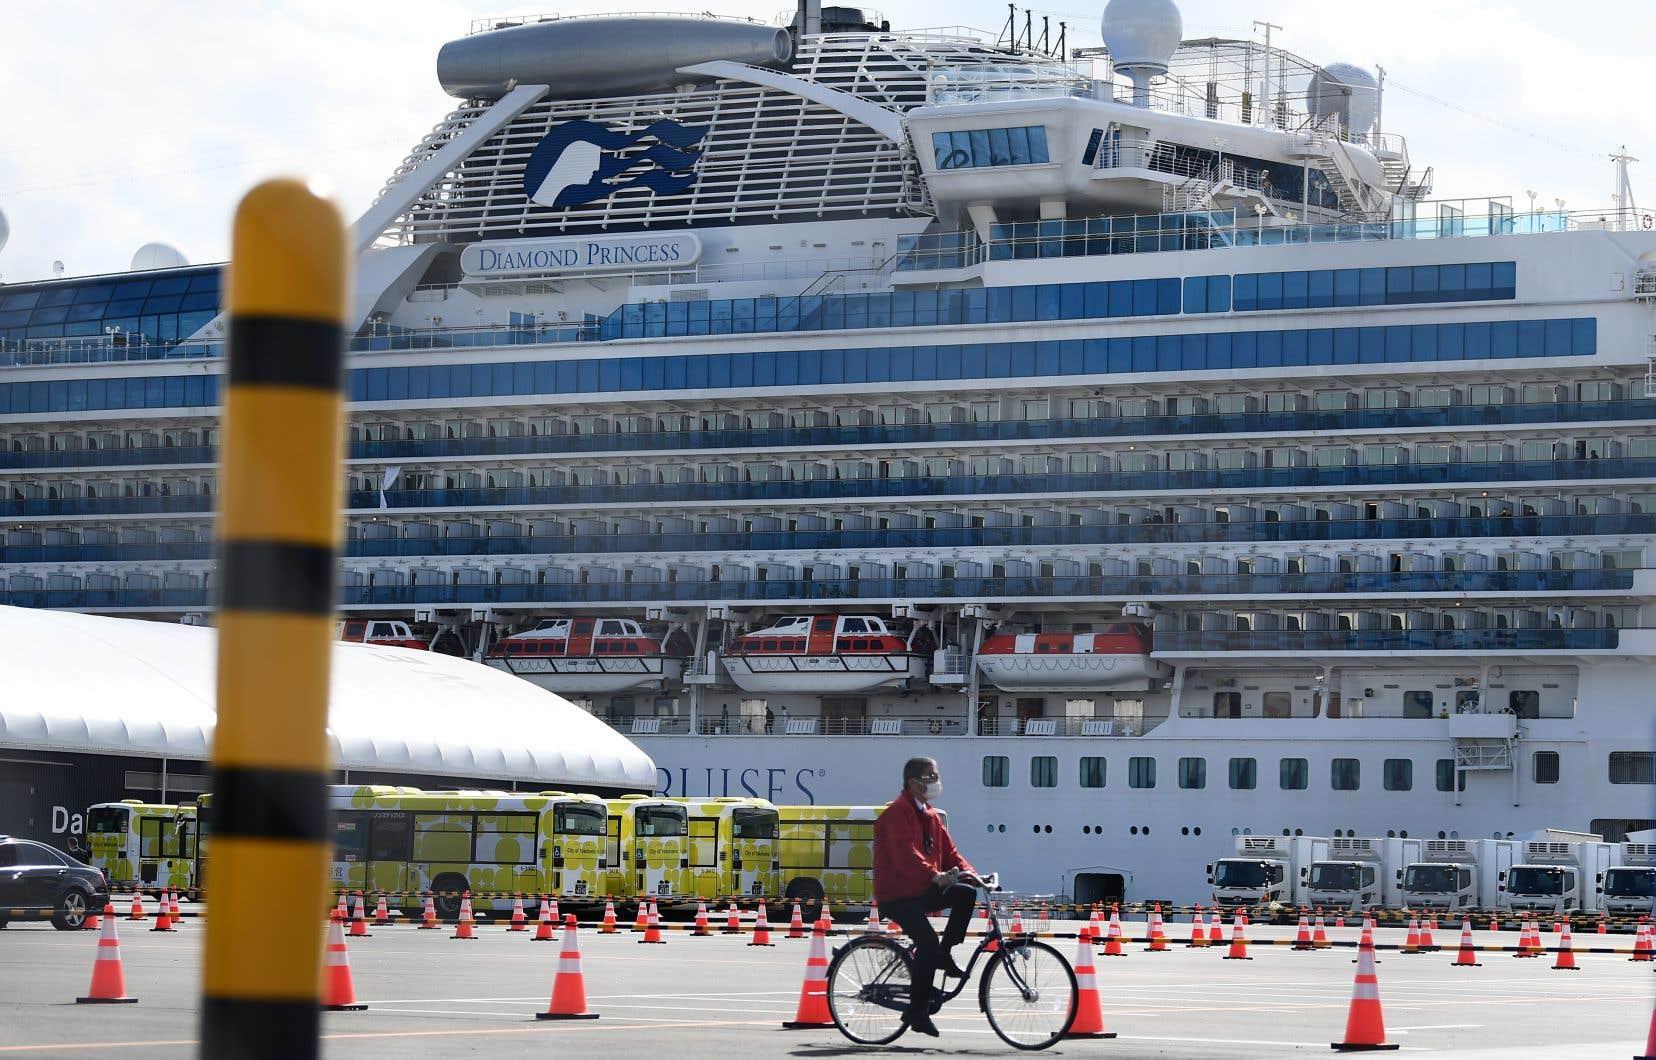 Des milliers de passagers à bord du Diamond Princess sont pris au large de Yokohama, près de Tokyo, en raison de l'épidémie de COVID-19, qui a infecté des centaines de passagers, dont 47 Canadiens.